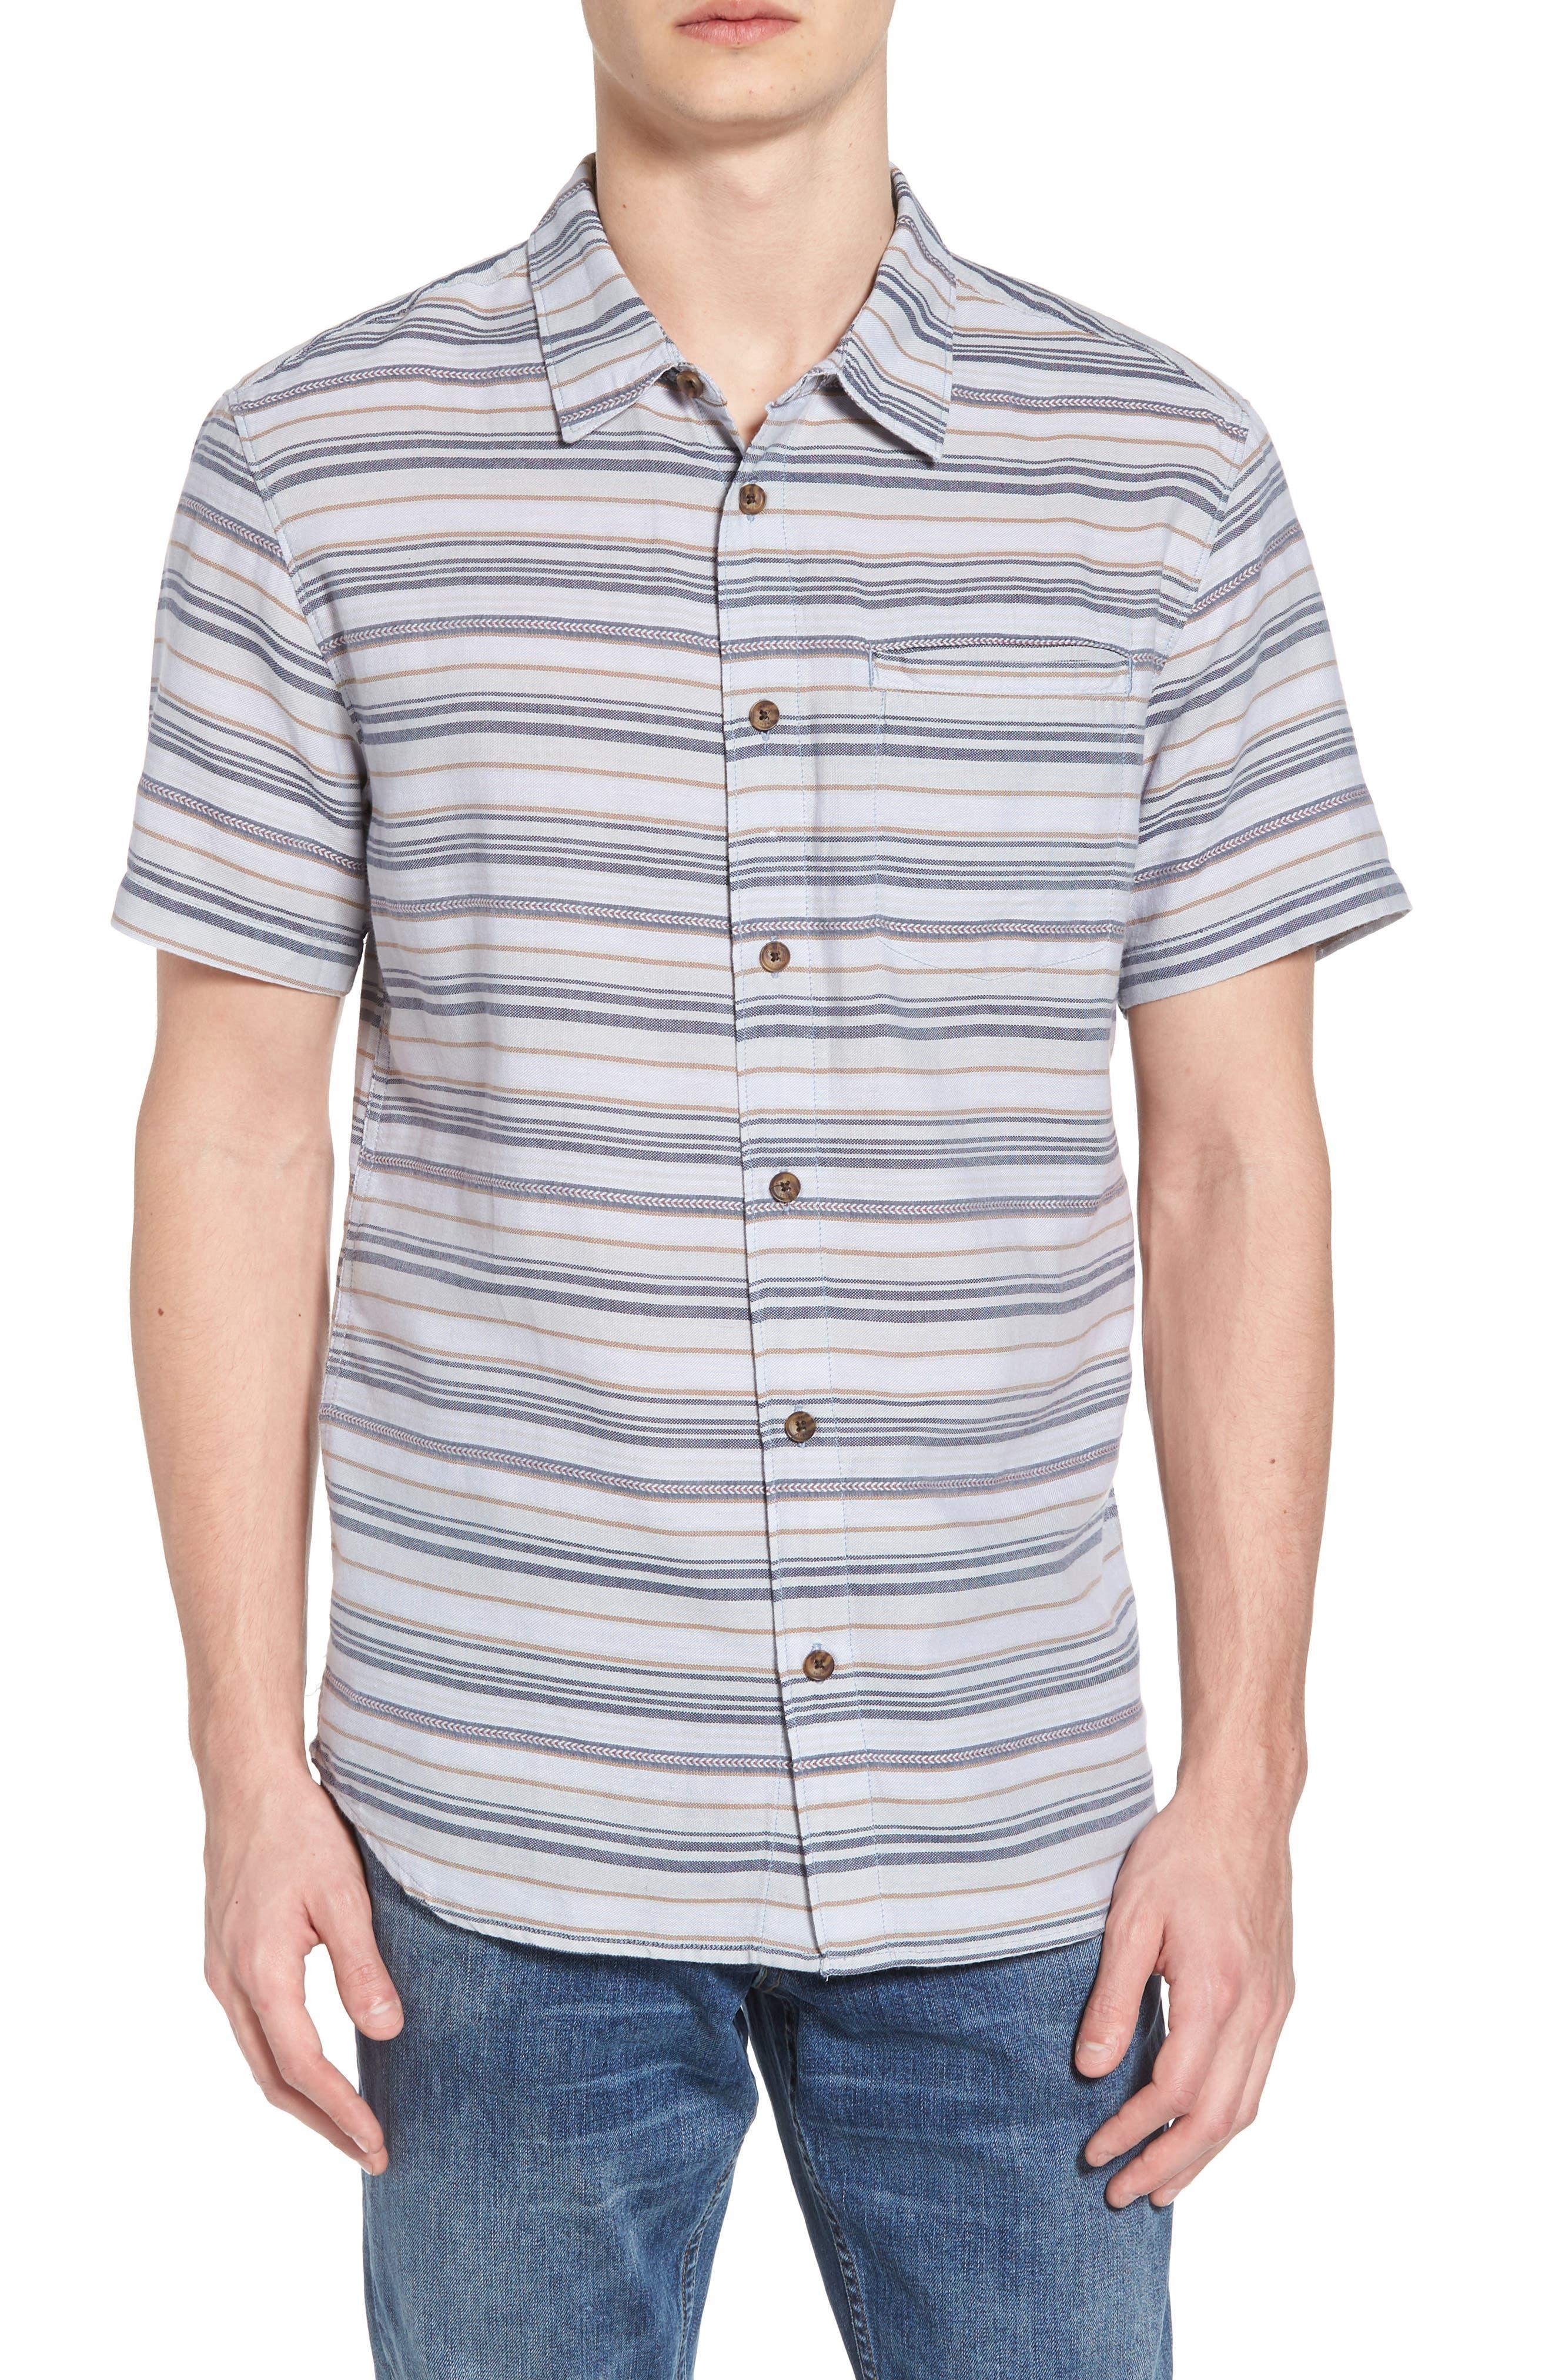 Currington Short Sleeve Shirt,                         Main,                         color, Light Blue